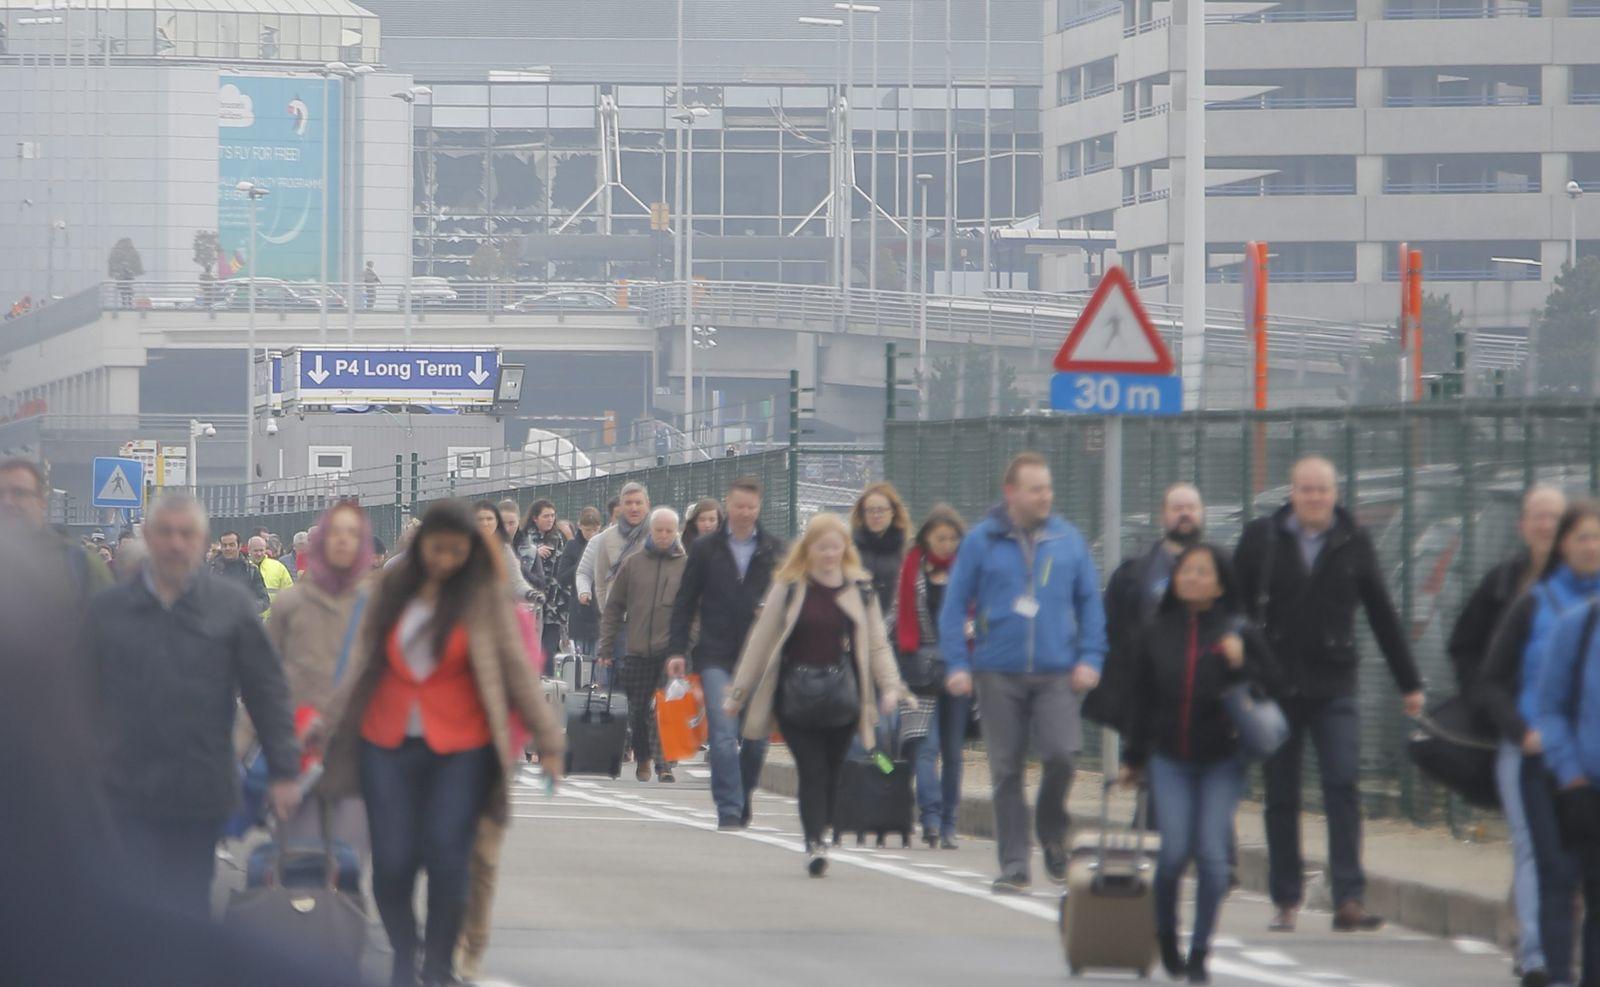 Brüssel / Explosionen / Flughafen